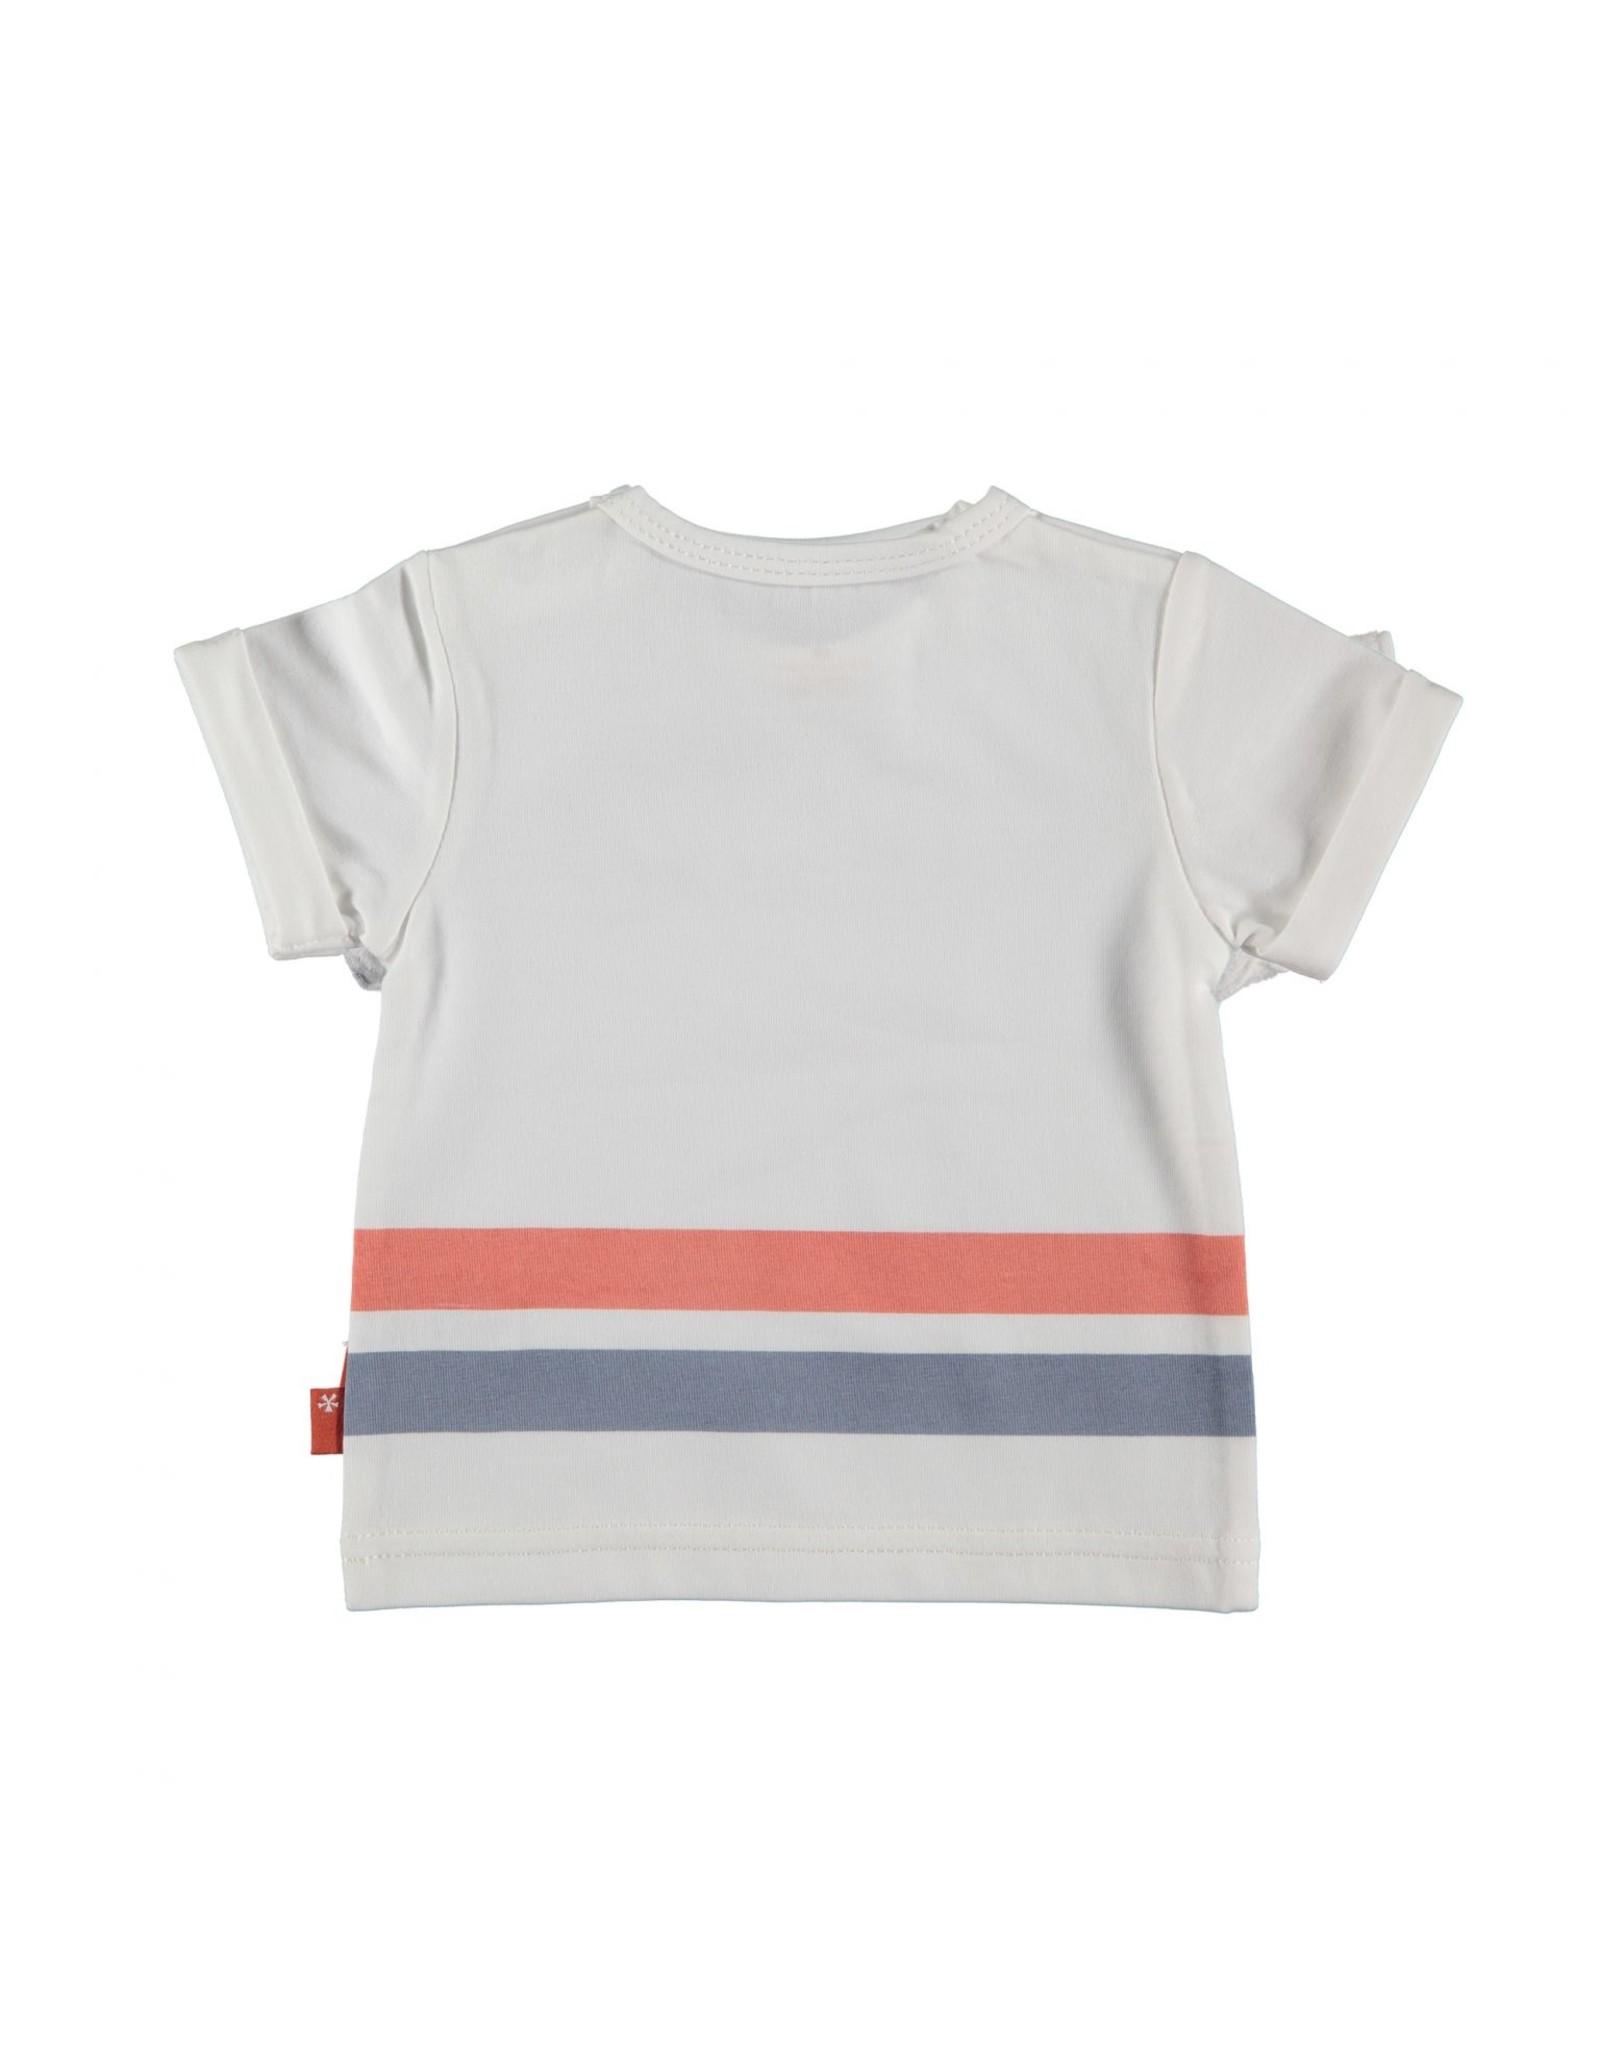 BESS Bess Shirt Sh.Sl. Friend White